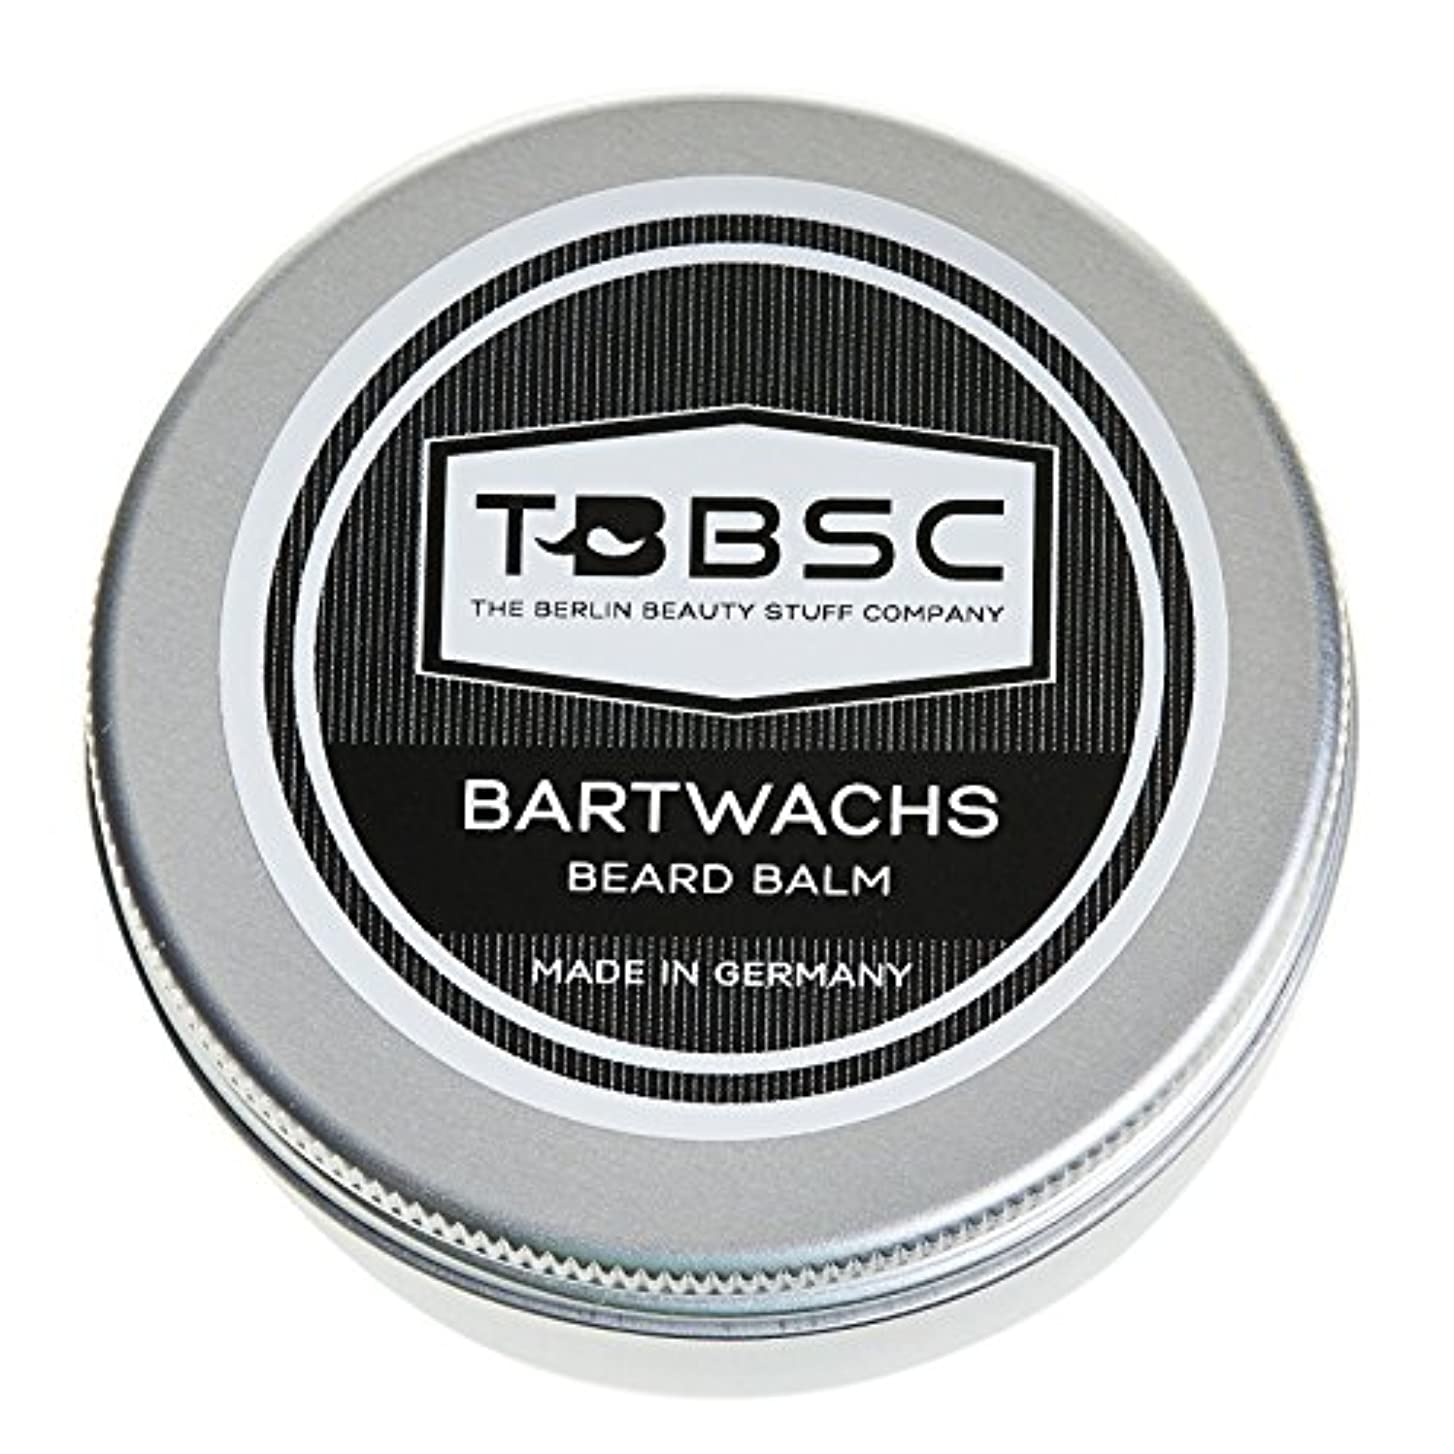 超音速ブラウズ偽装するTBBSCビアードワックス60gドイツ製ケア+スタイリングのためのひげバーム